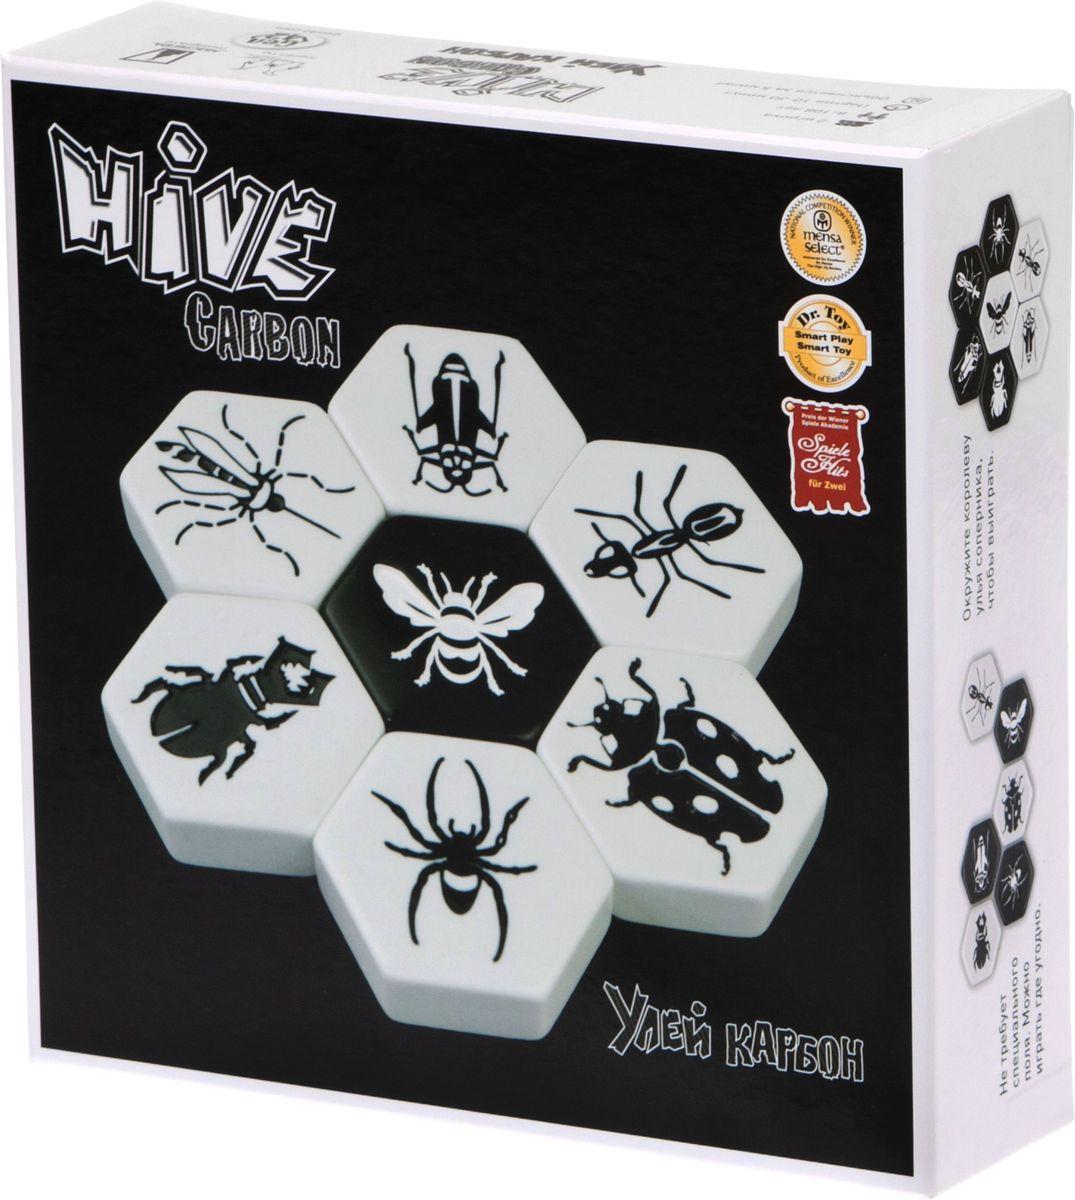 Gen 42 Games Настольная игра Улей КарбонMAG00706Улей — это локализация известной игры Hive, впервые выпущенной в 2001 году и быстро ставшей настоящим хитом. Тактическая настольная игра для двух человек. Игроки ходят, выкладывая шестиугольные фишки вплотную к тем, которые уже находятся на столе. Задача игрока — окружить королеву-пчелу противника своими фишками. «Карбон» — это специальное издание игры, включающее как базовую версию Улья, так и два дополнения — «Москит» и «Божья коровка». Ещё одно отличие от классической версии — строгая классическая чёрно-белая гамма. Принцип игры тот же, что и в базовом Улье. Два вражеских муравейника соприкоснулись, и теперь нужно окружить королеву улья противника. У вас есть куча фишек насекомых, и вы каждый ход либо выкладываете одну на стол, присоединяя к своему улью, либо двигаете одну из уже выложенных.